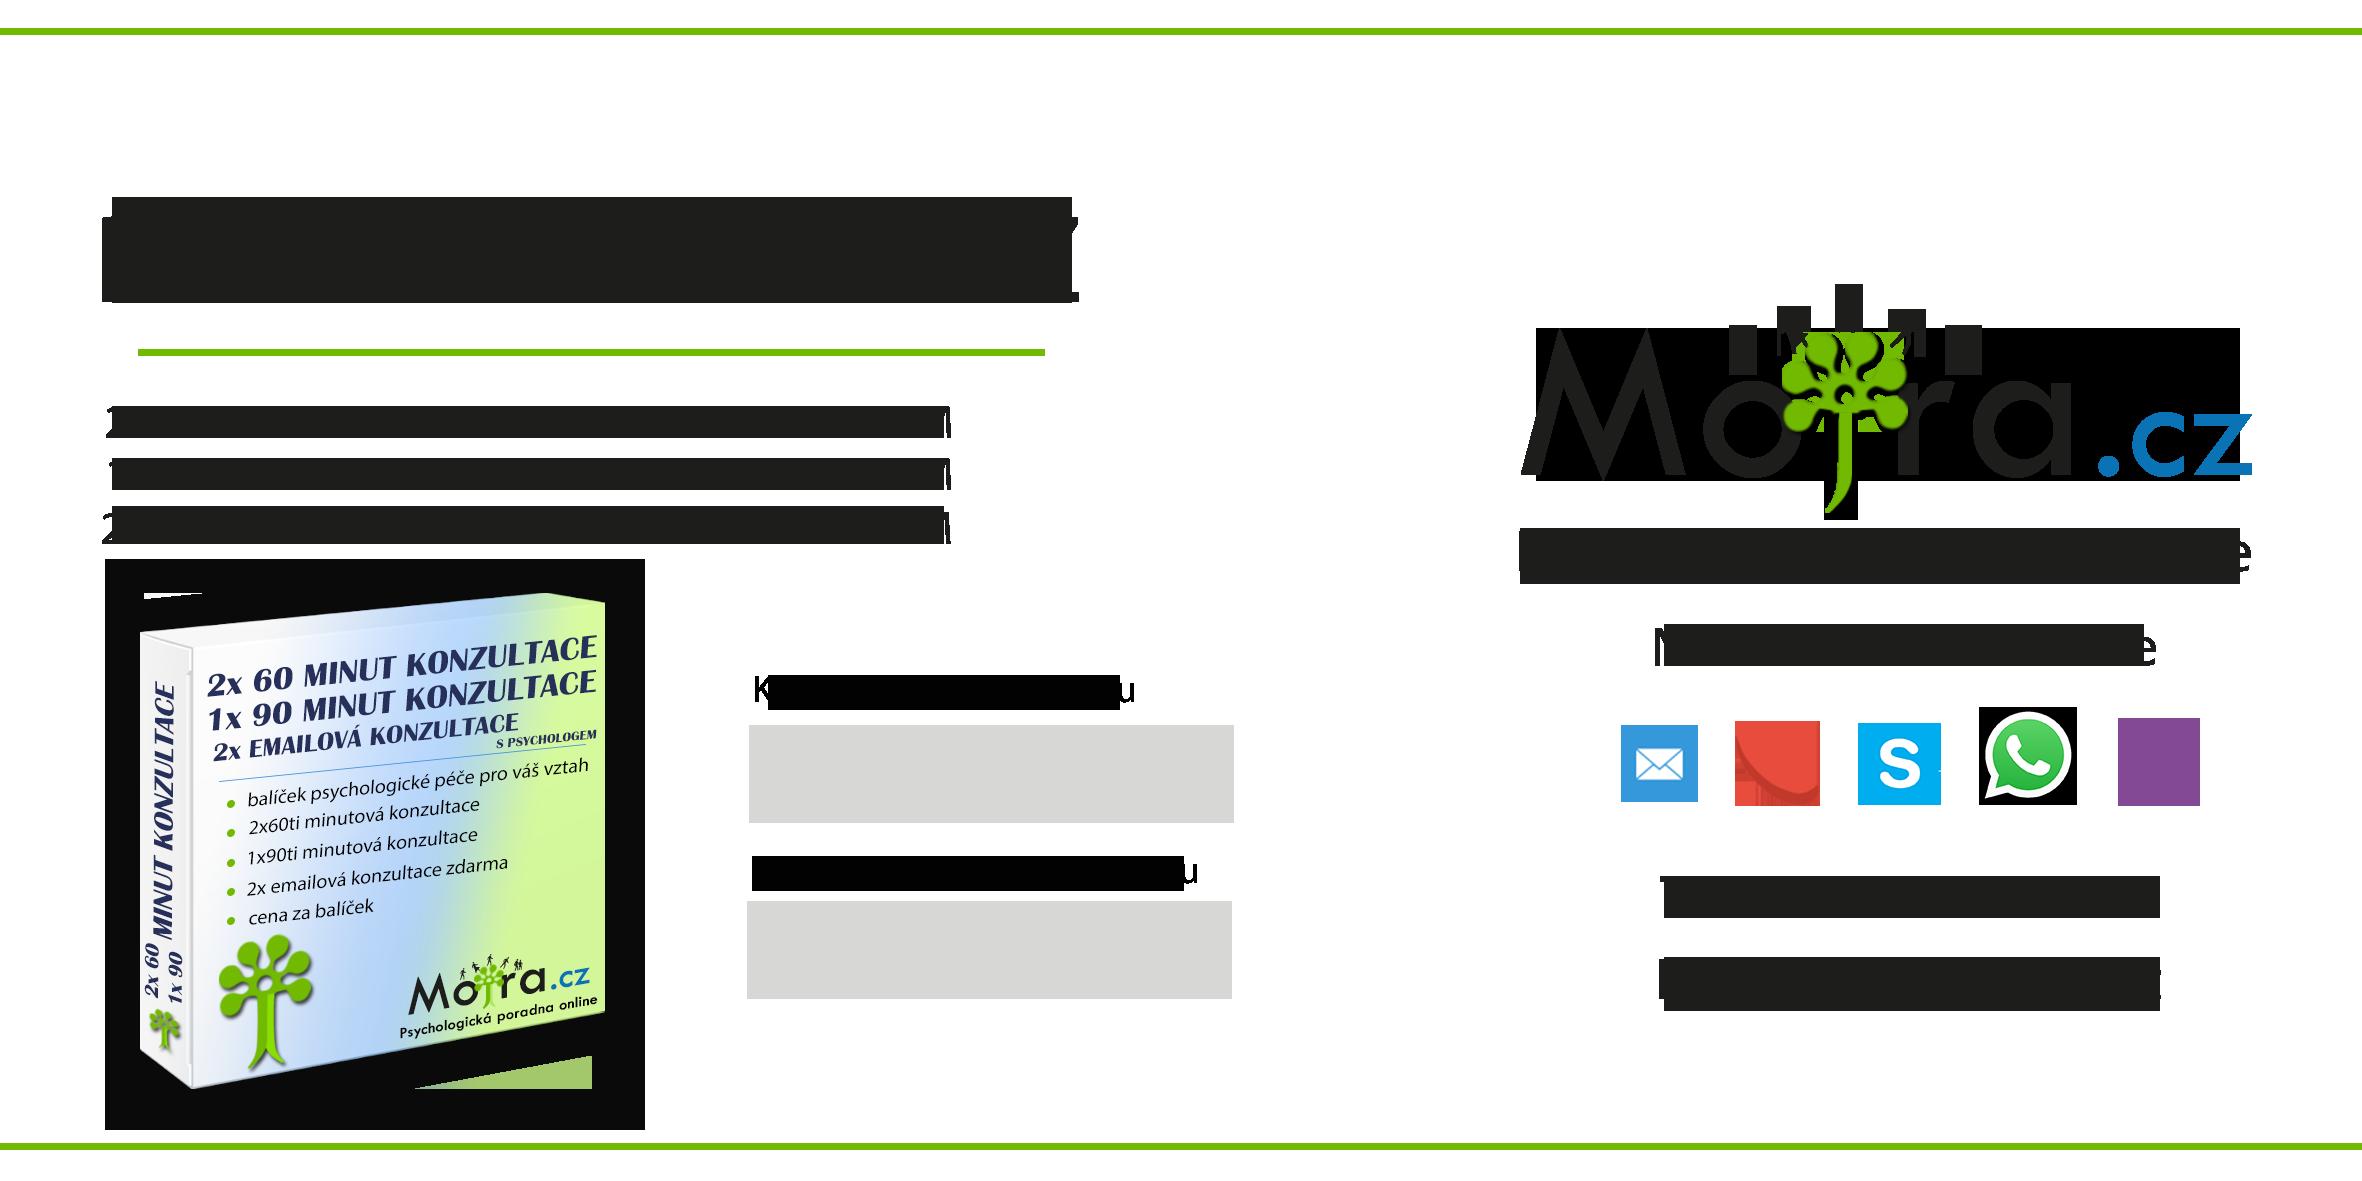 Balíček psychologické péče pro váš vztah